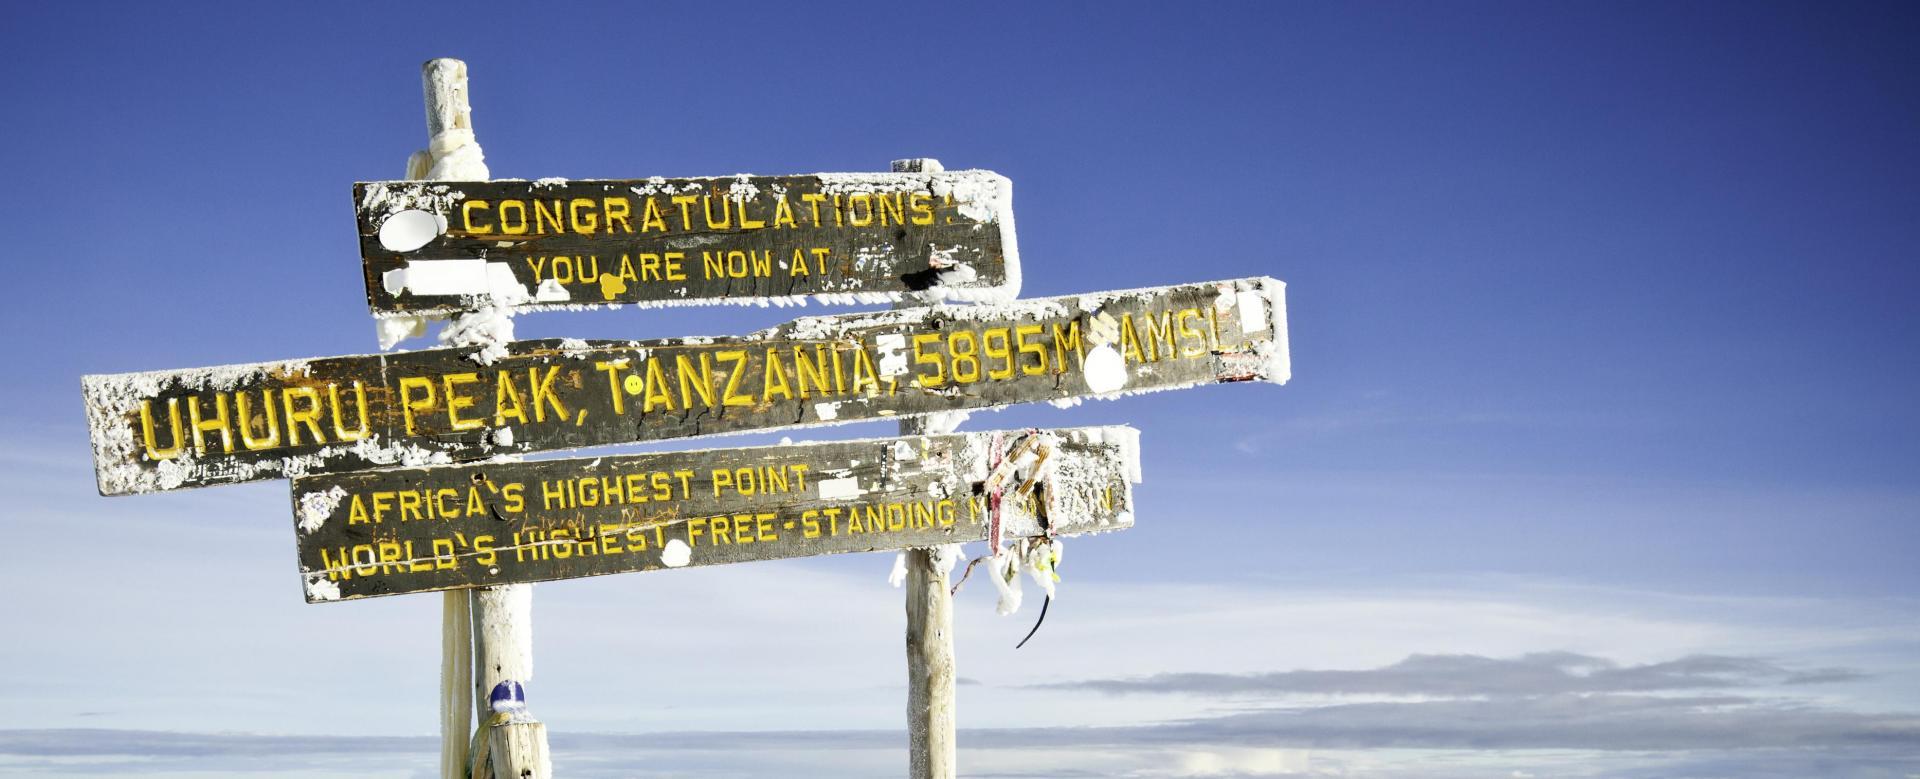 Voyage sur l'eau : Du mont meru au kilimandjaro